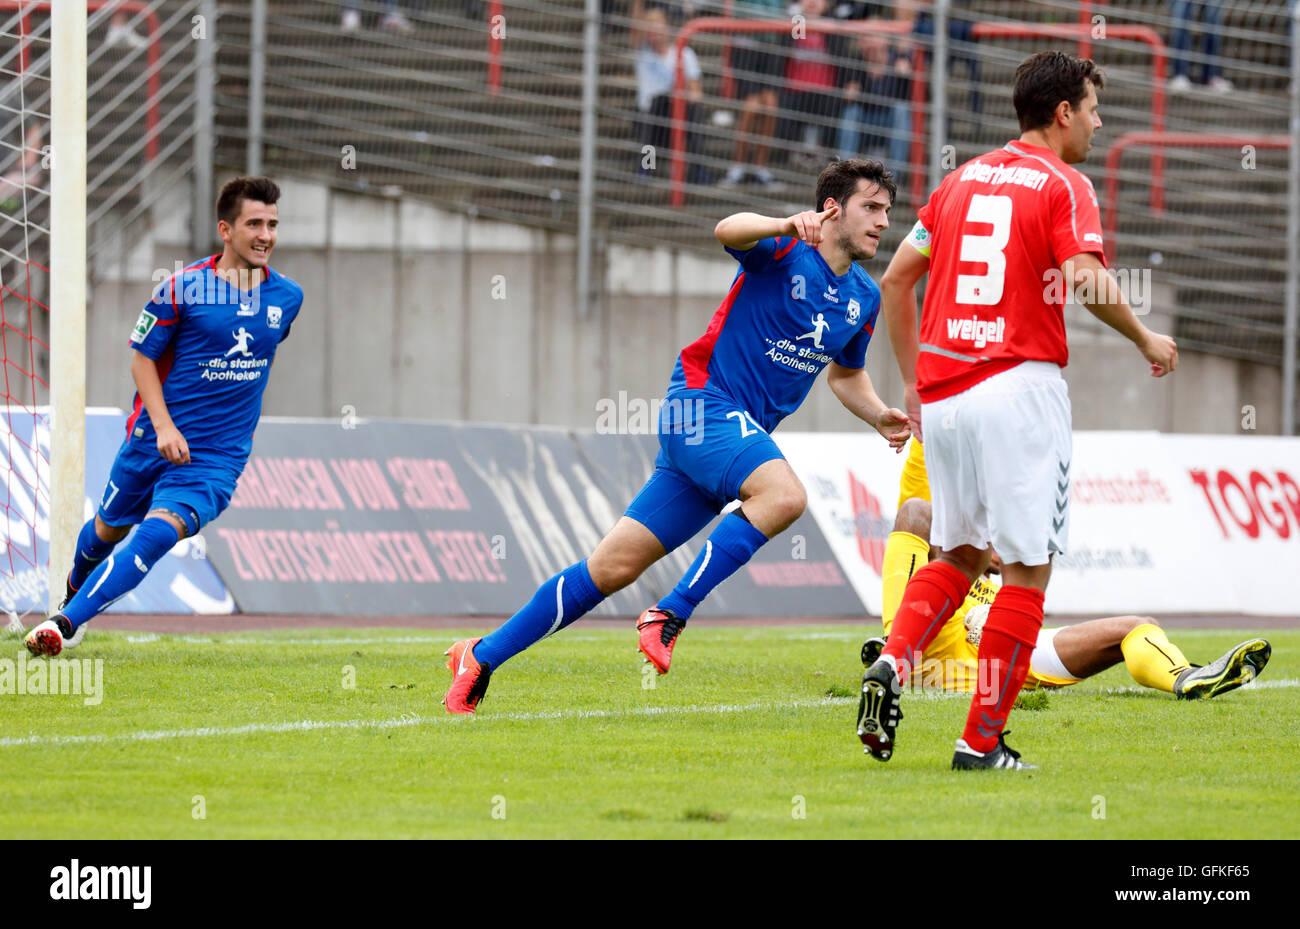 sports, football, Regional League West, 2016/2017, Rot Weiss Oberhausen versus Rot Weiss Ahlen 0:4, Stadium Niederrhein Stock Photo